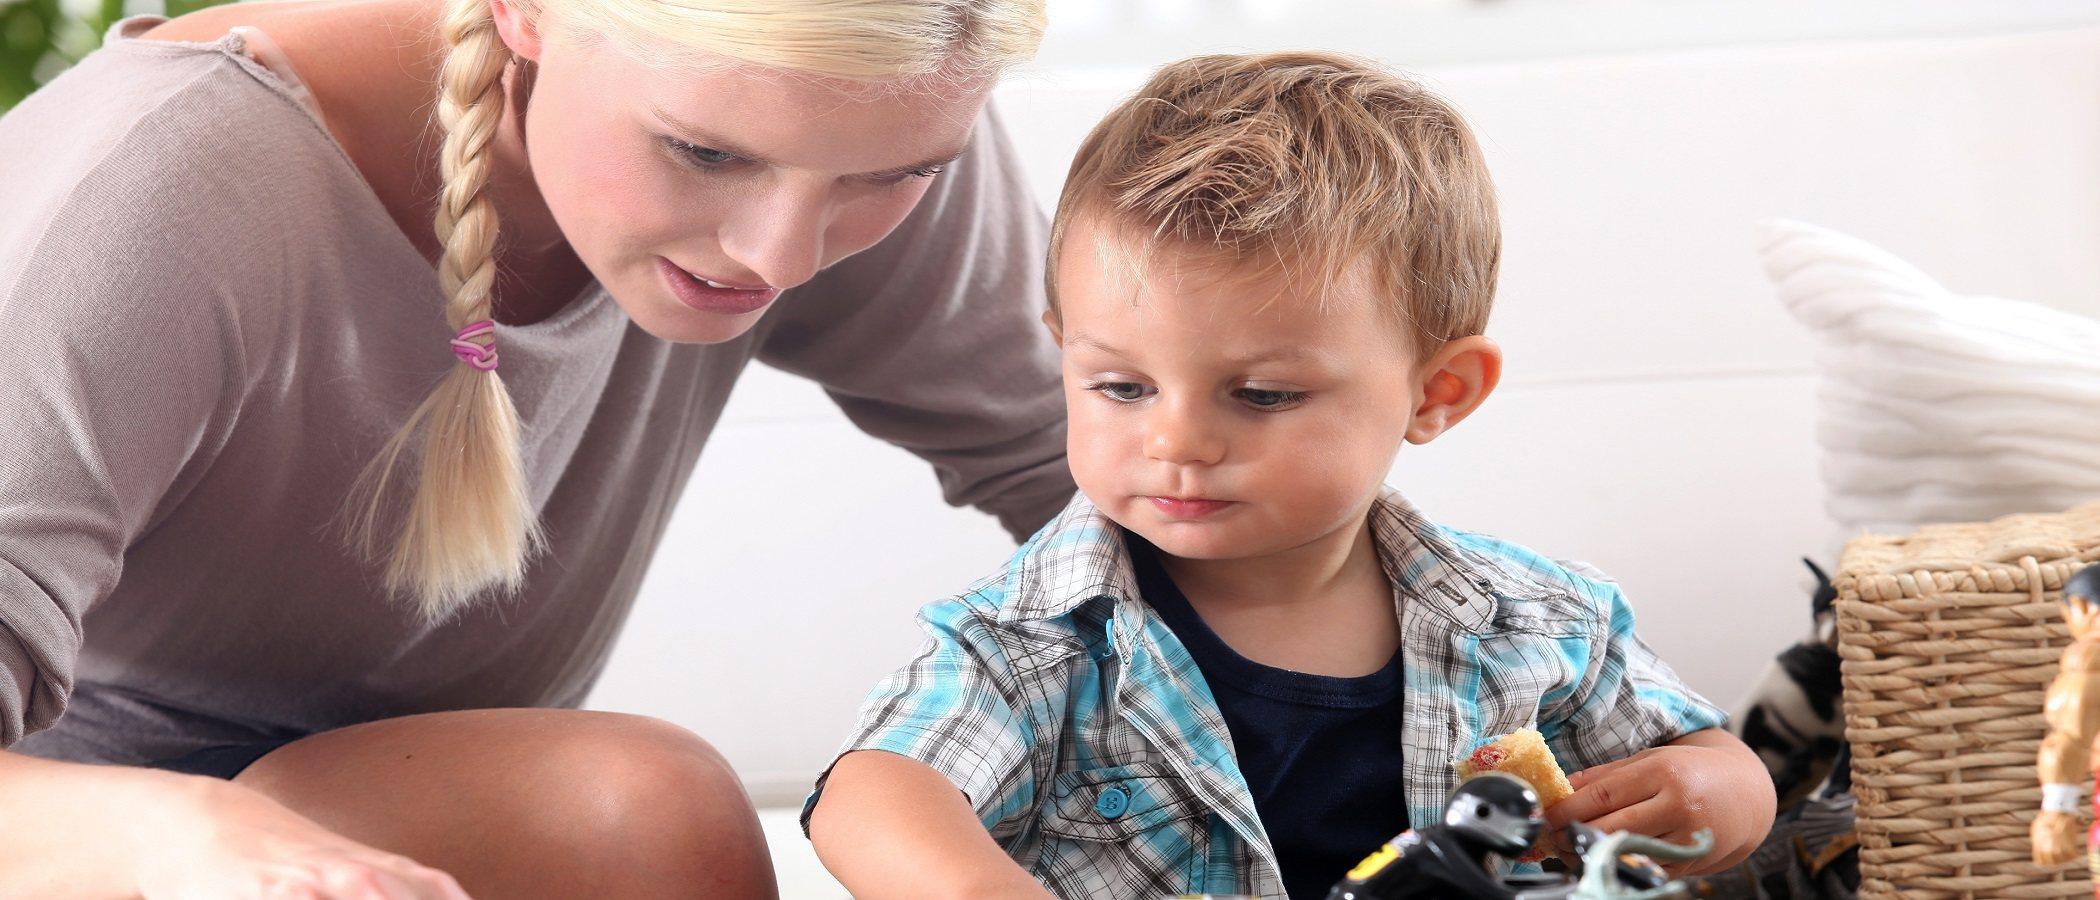 Niños de preescolar: enseñar emociones y sentimientos